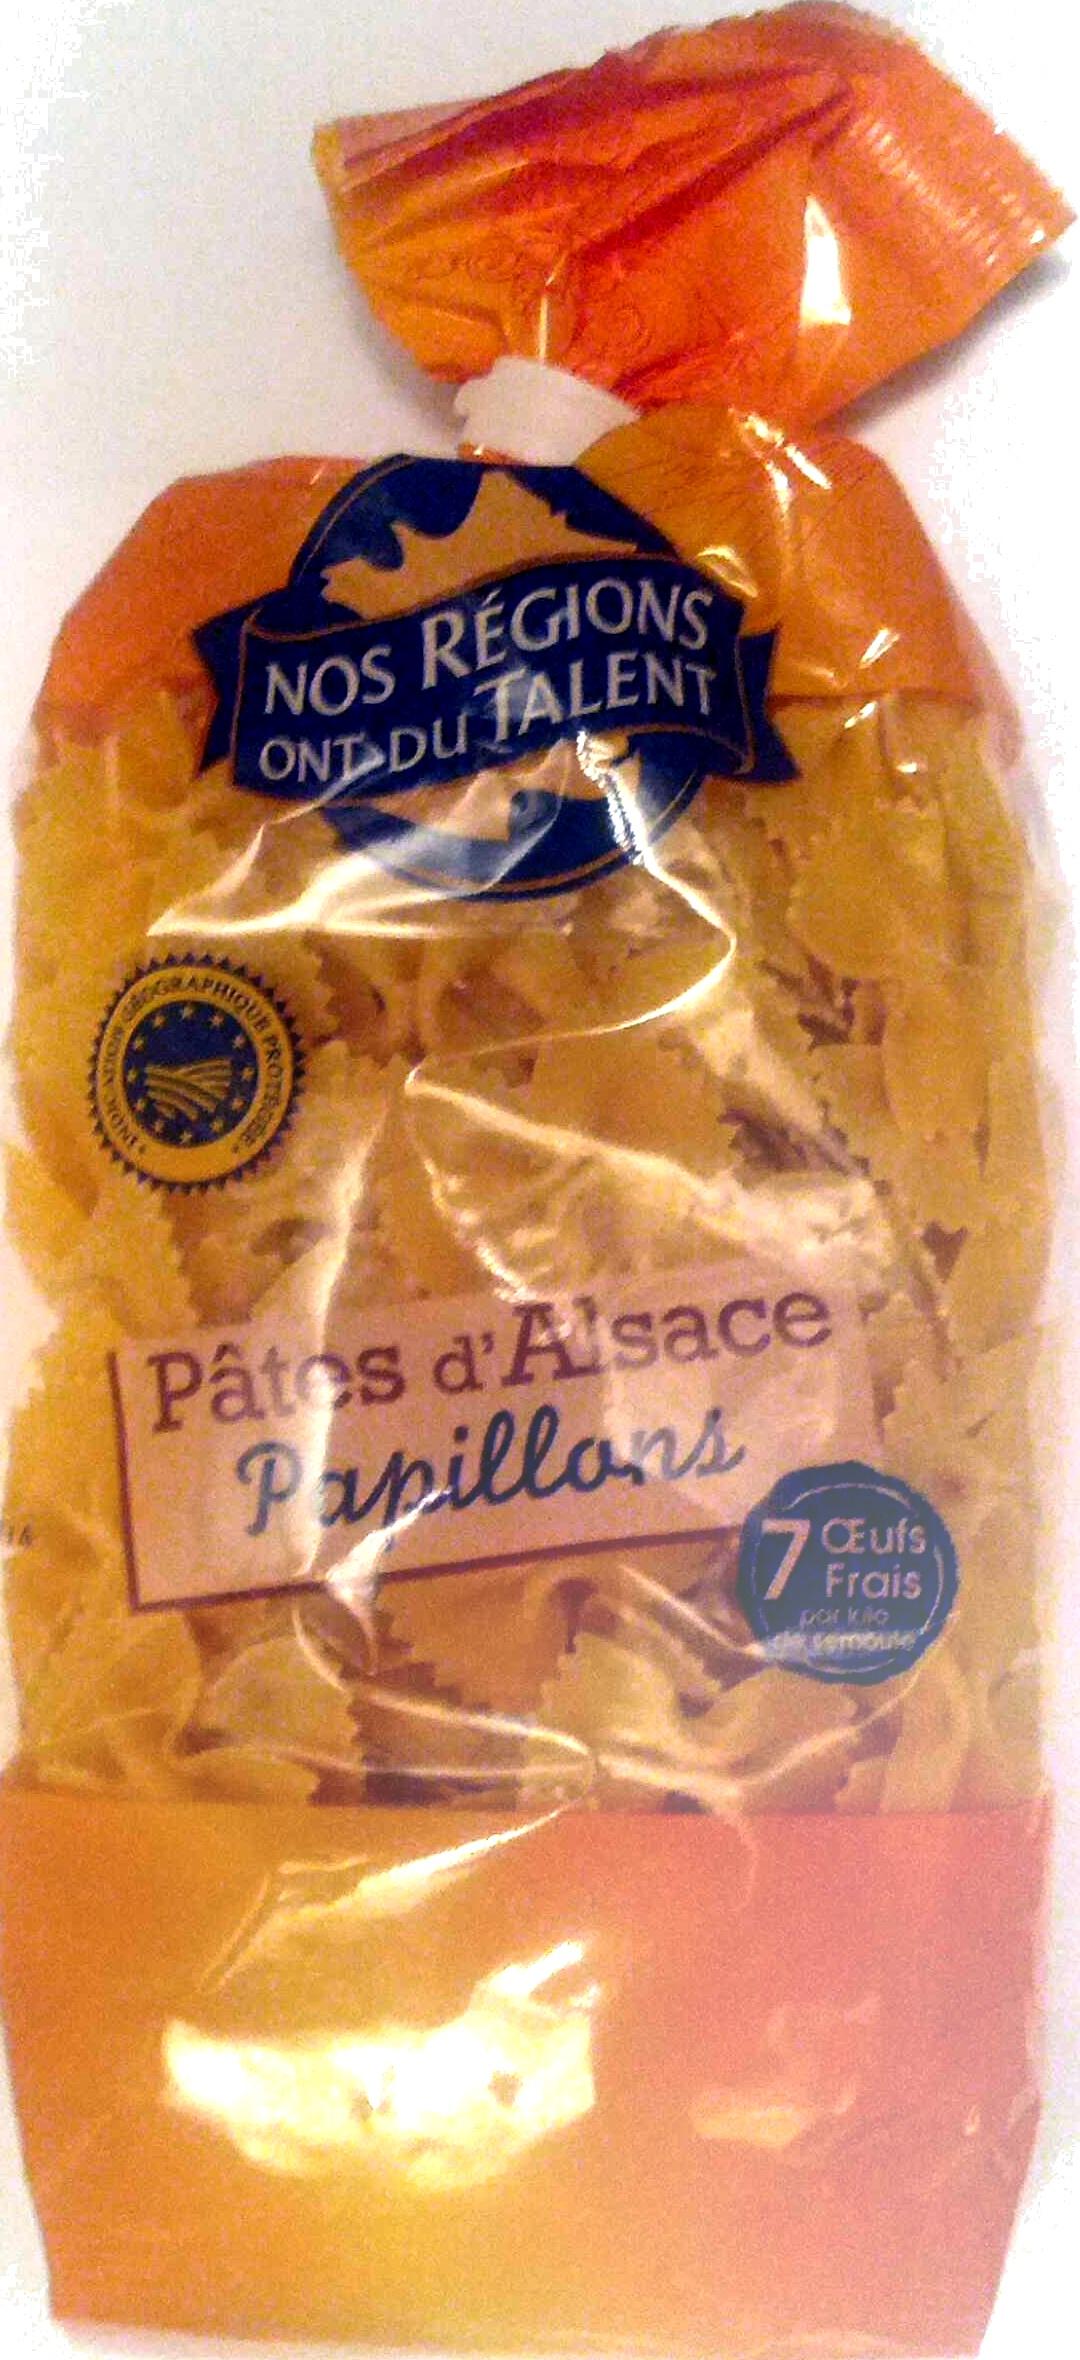 Pâtes d'Alsace Papillons (7 Œufs Frais par kilo de semoule) - Product